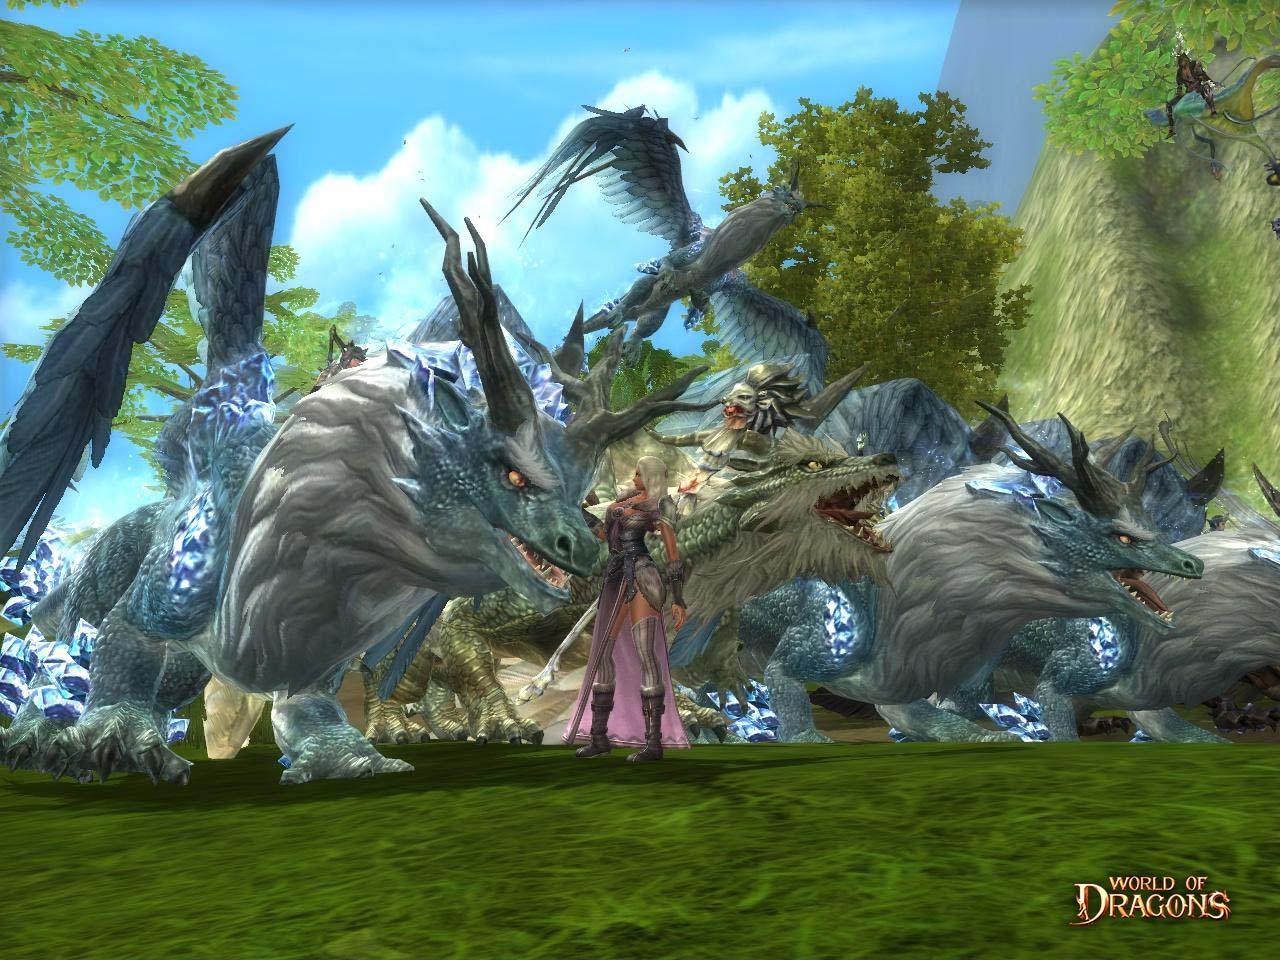 все игры с драконами картинки обязано